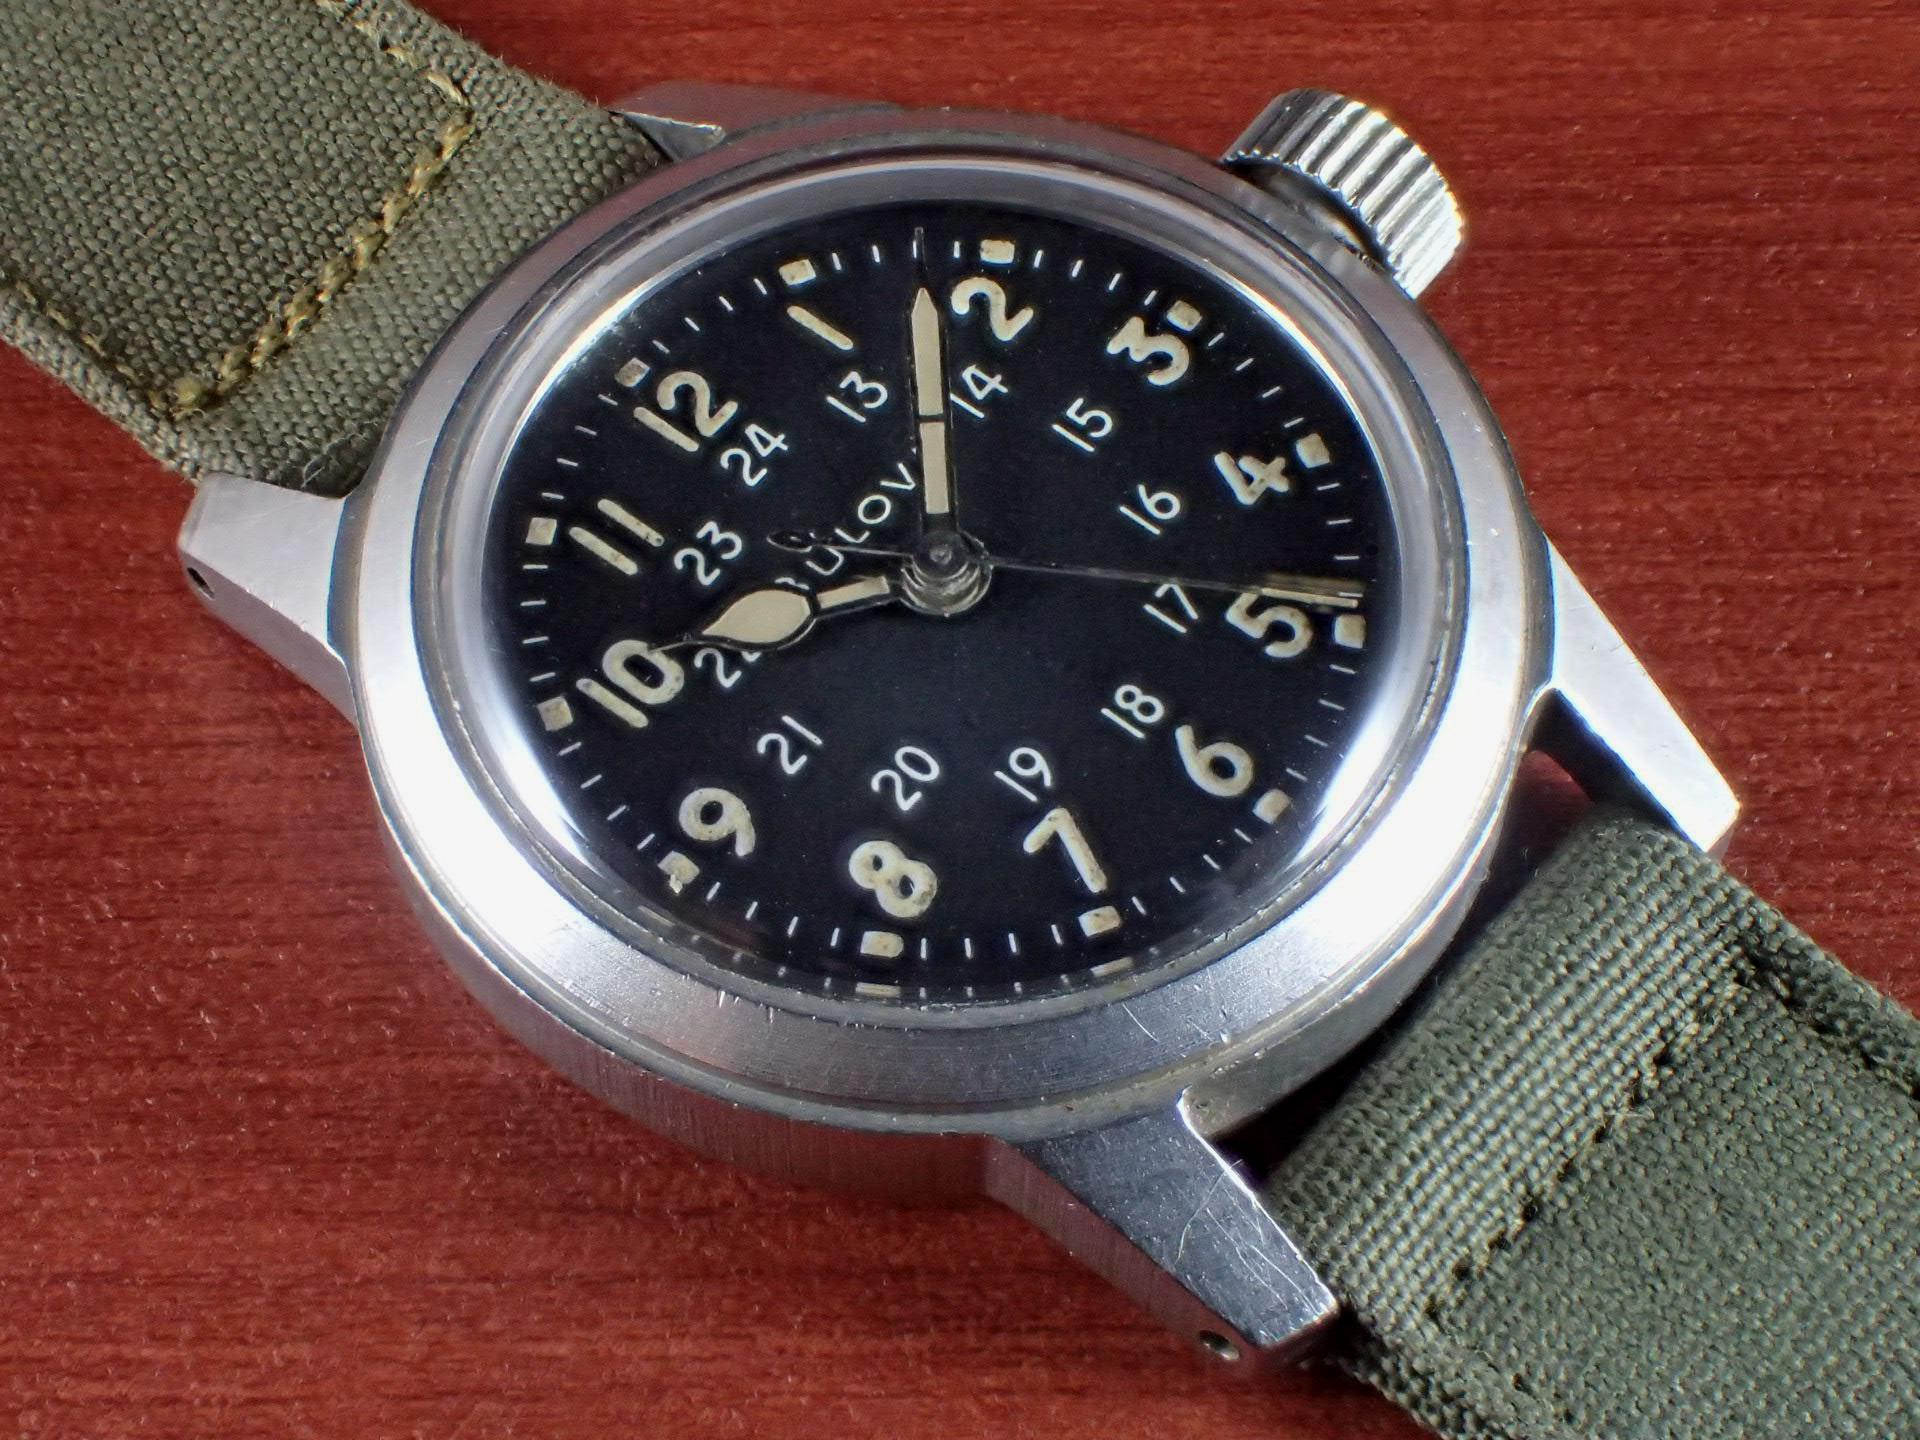 ブローバ 軍用時計 米軍 MIL-W-3818A 1960年代のメイン写真